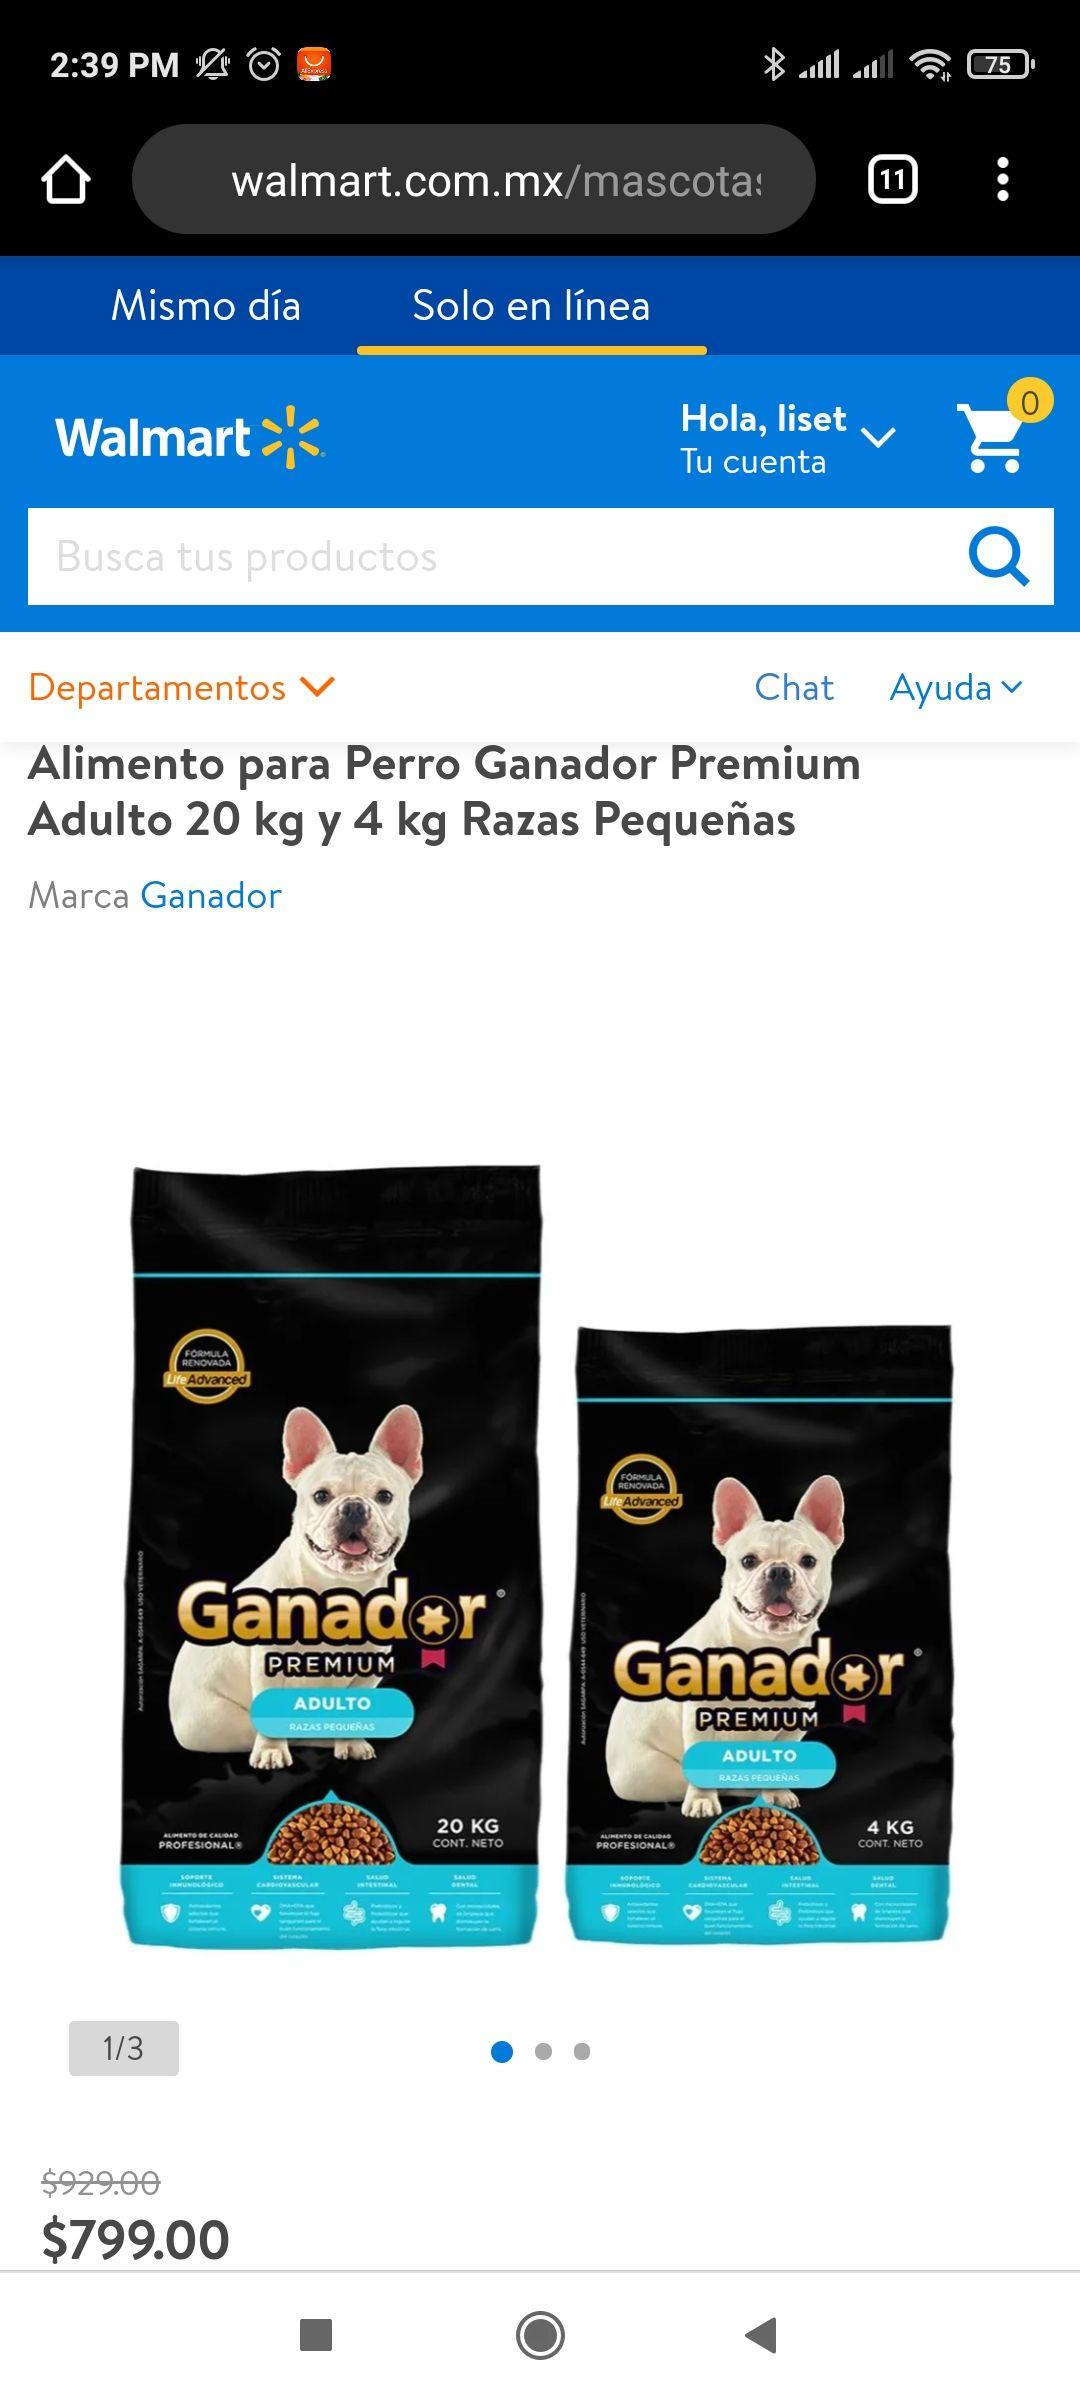 Walmart: Alimento para Perro Ganador Premium Adulto 20 kg y 4 kg Razas Pequeñas